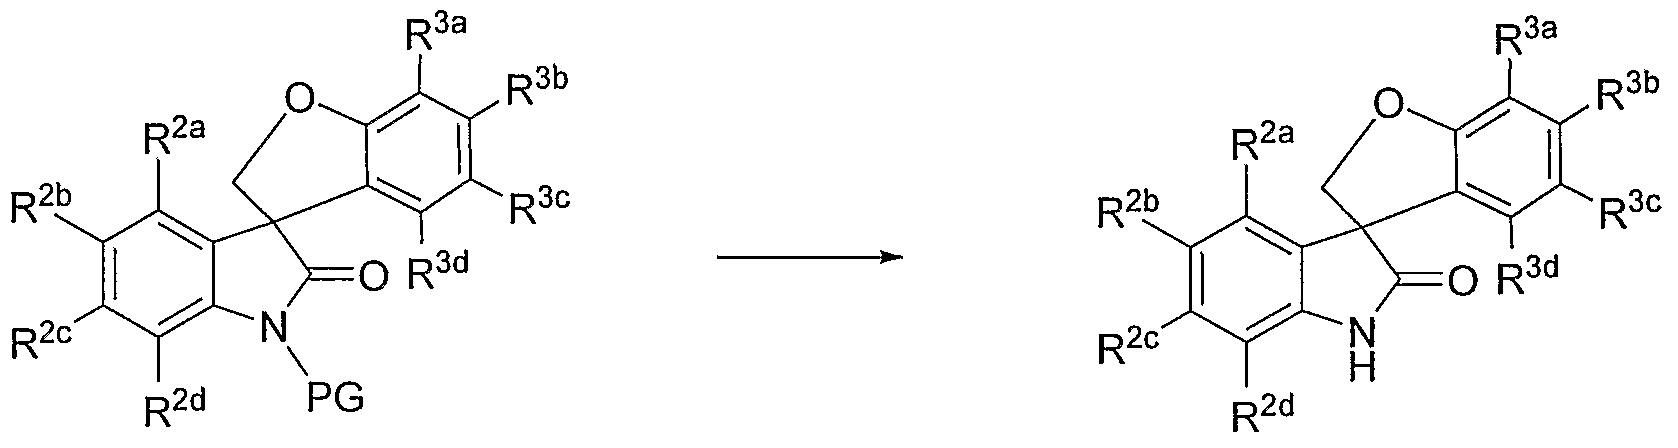 Figure imgf000087_0001